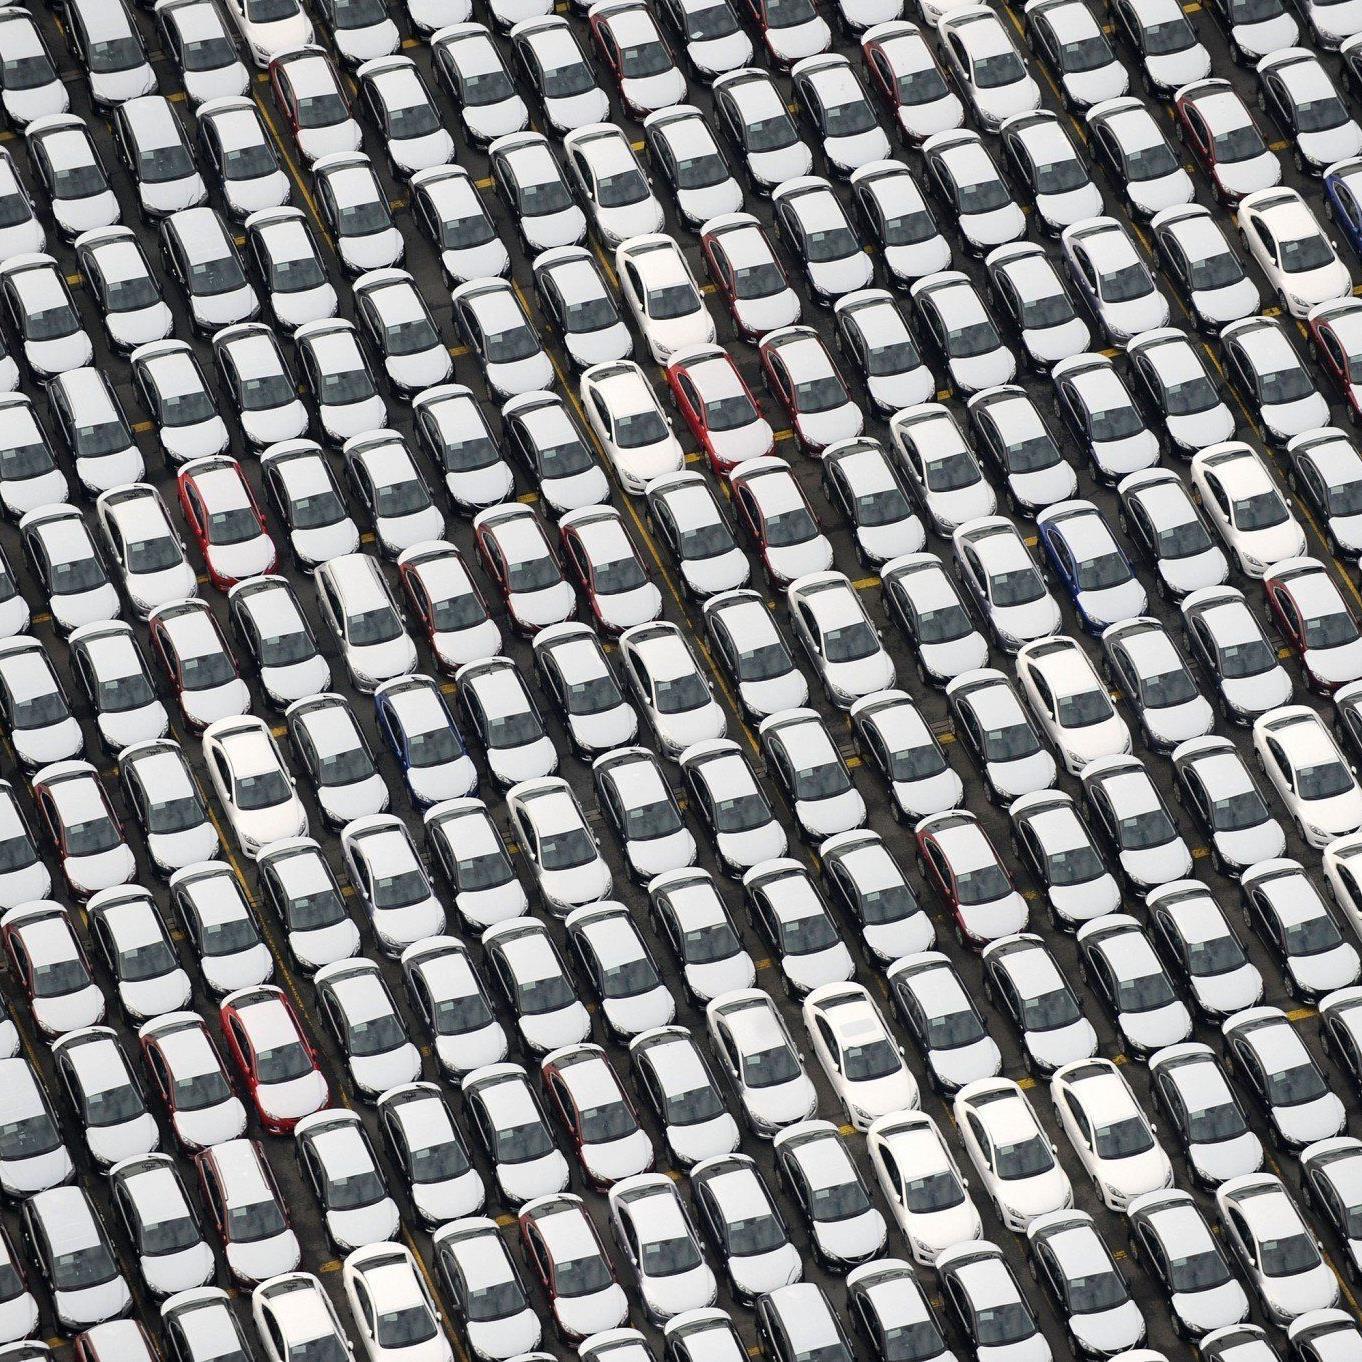 VCÖ: Wer einen sparsamen Neuwagen mit entsprechend geringem Schadstoffausstoß kauft zahlt künftig weniger oder gleich viel NoVA